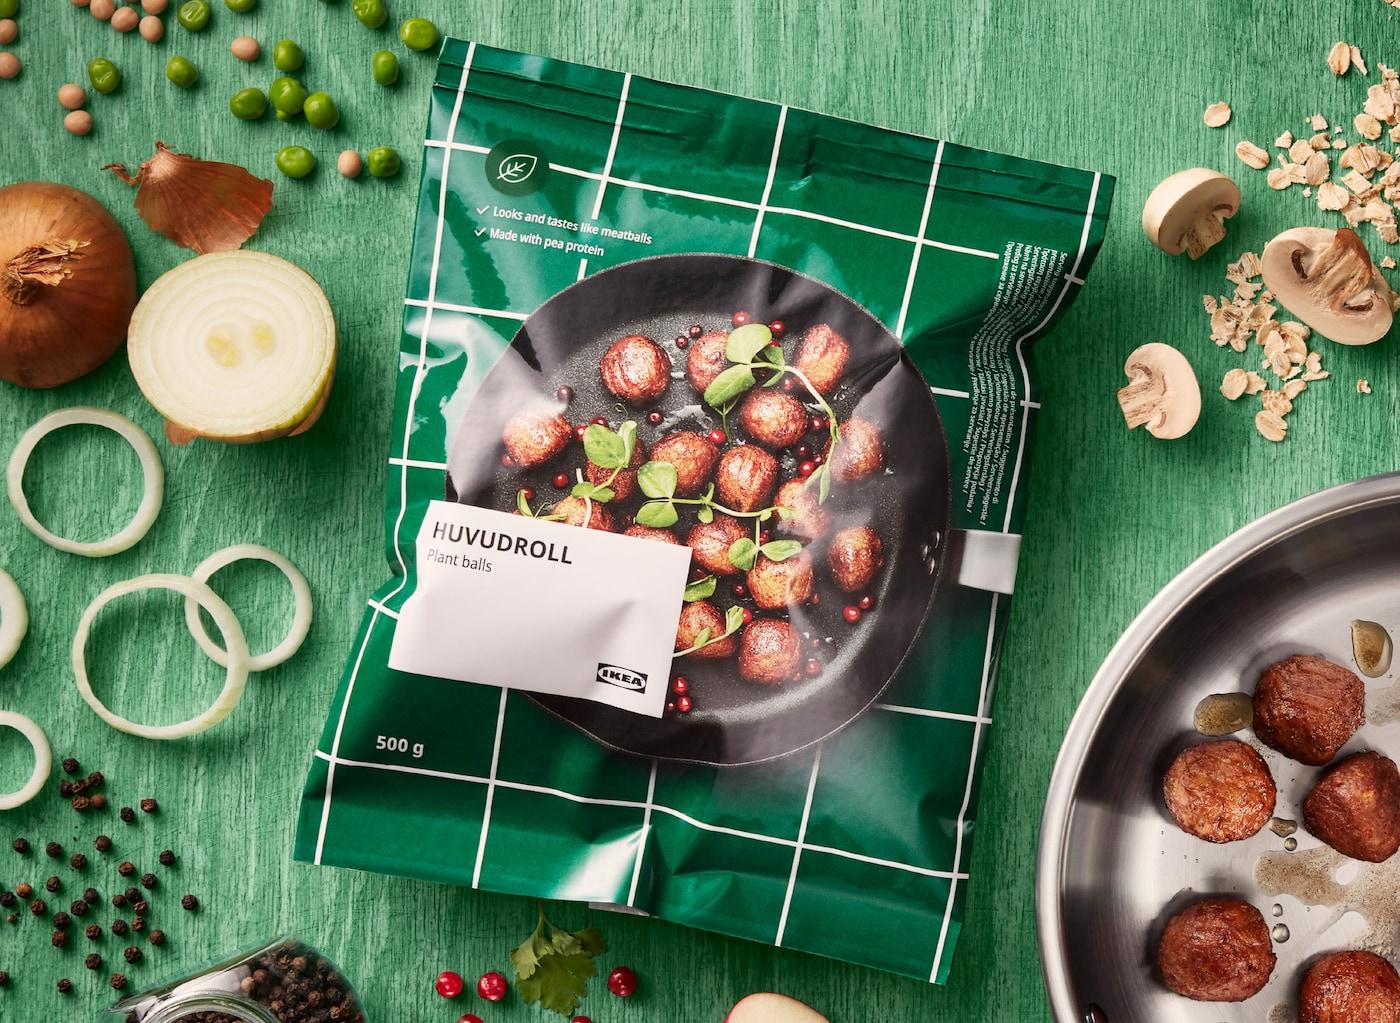 En förpackning med IKEA HUVUDROLL växtbaserade bullar på en grön träyta. Runt förpackningen ligger olika ingredienser.